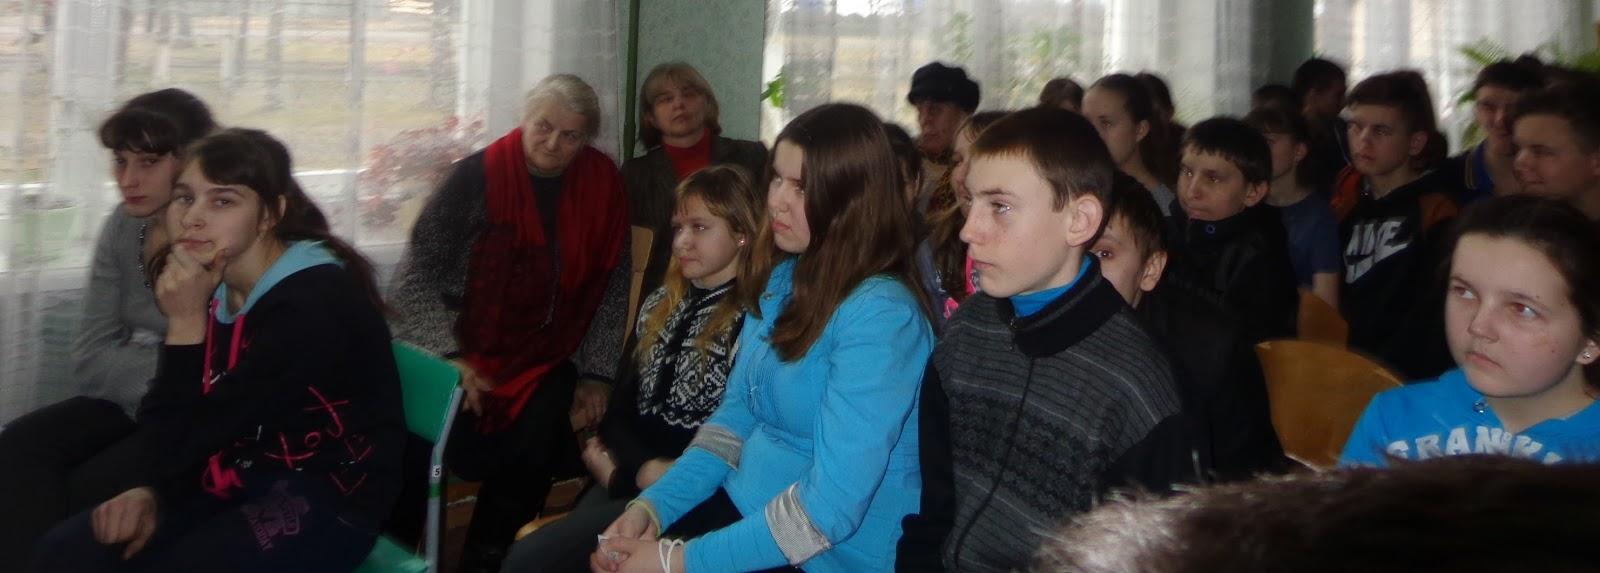 как познакомиться православной девушке